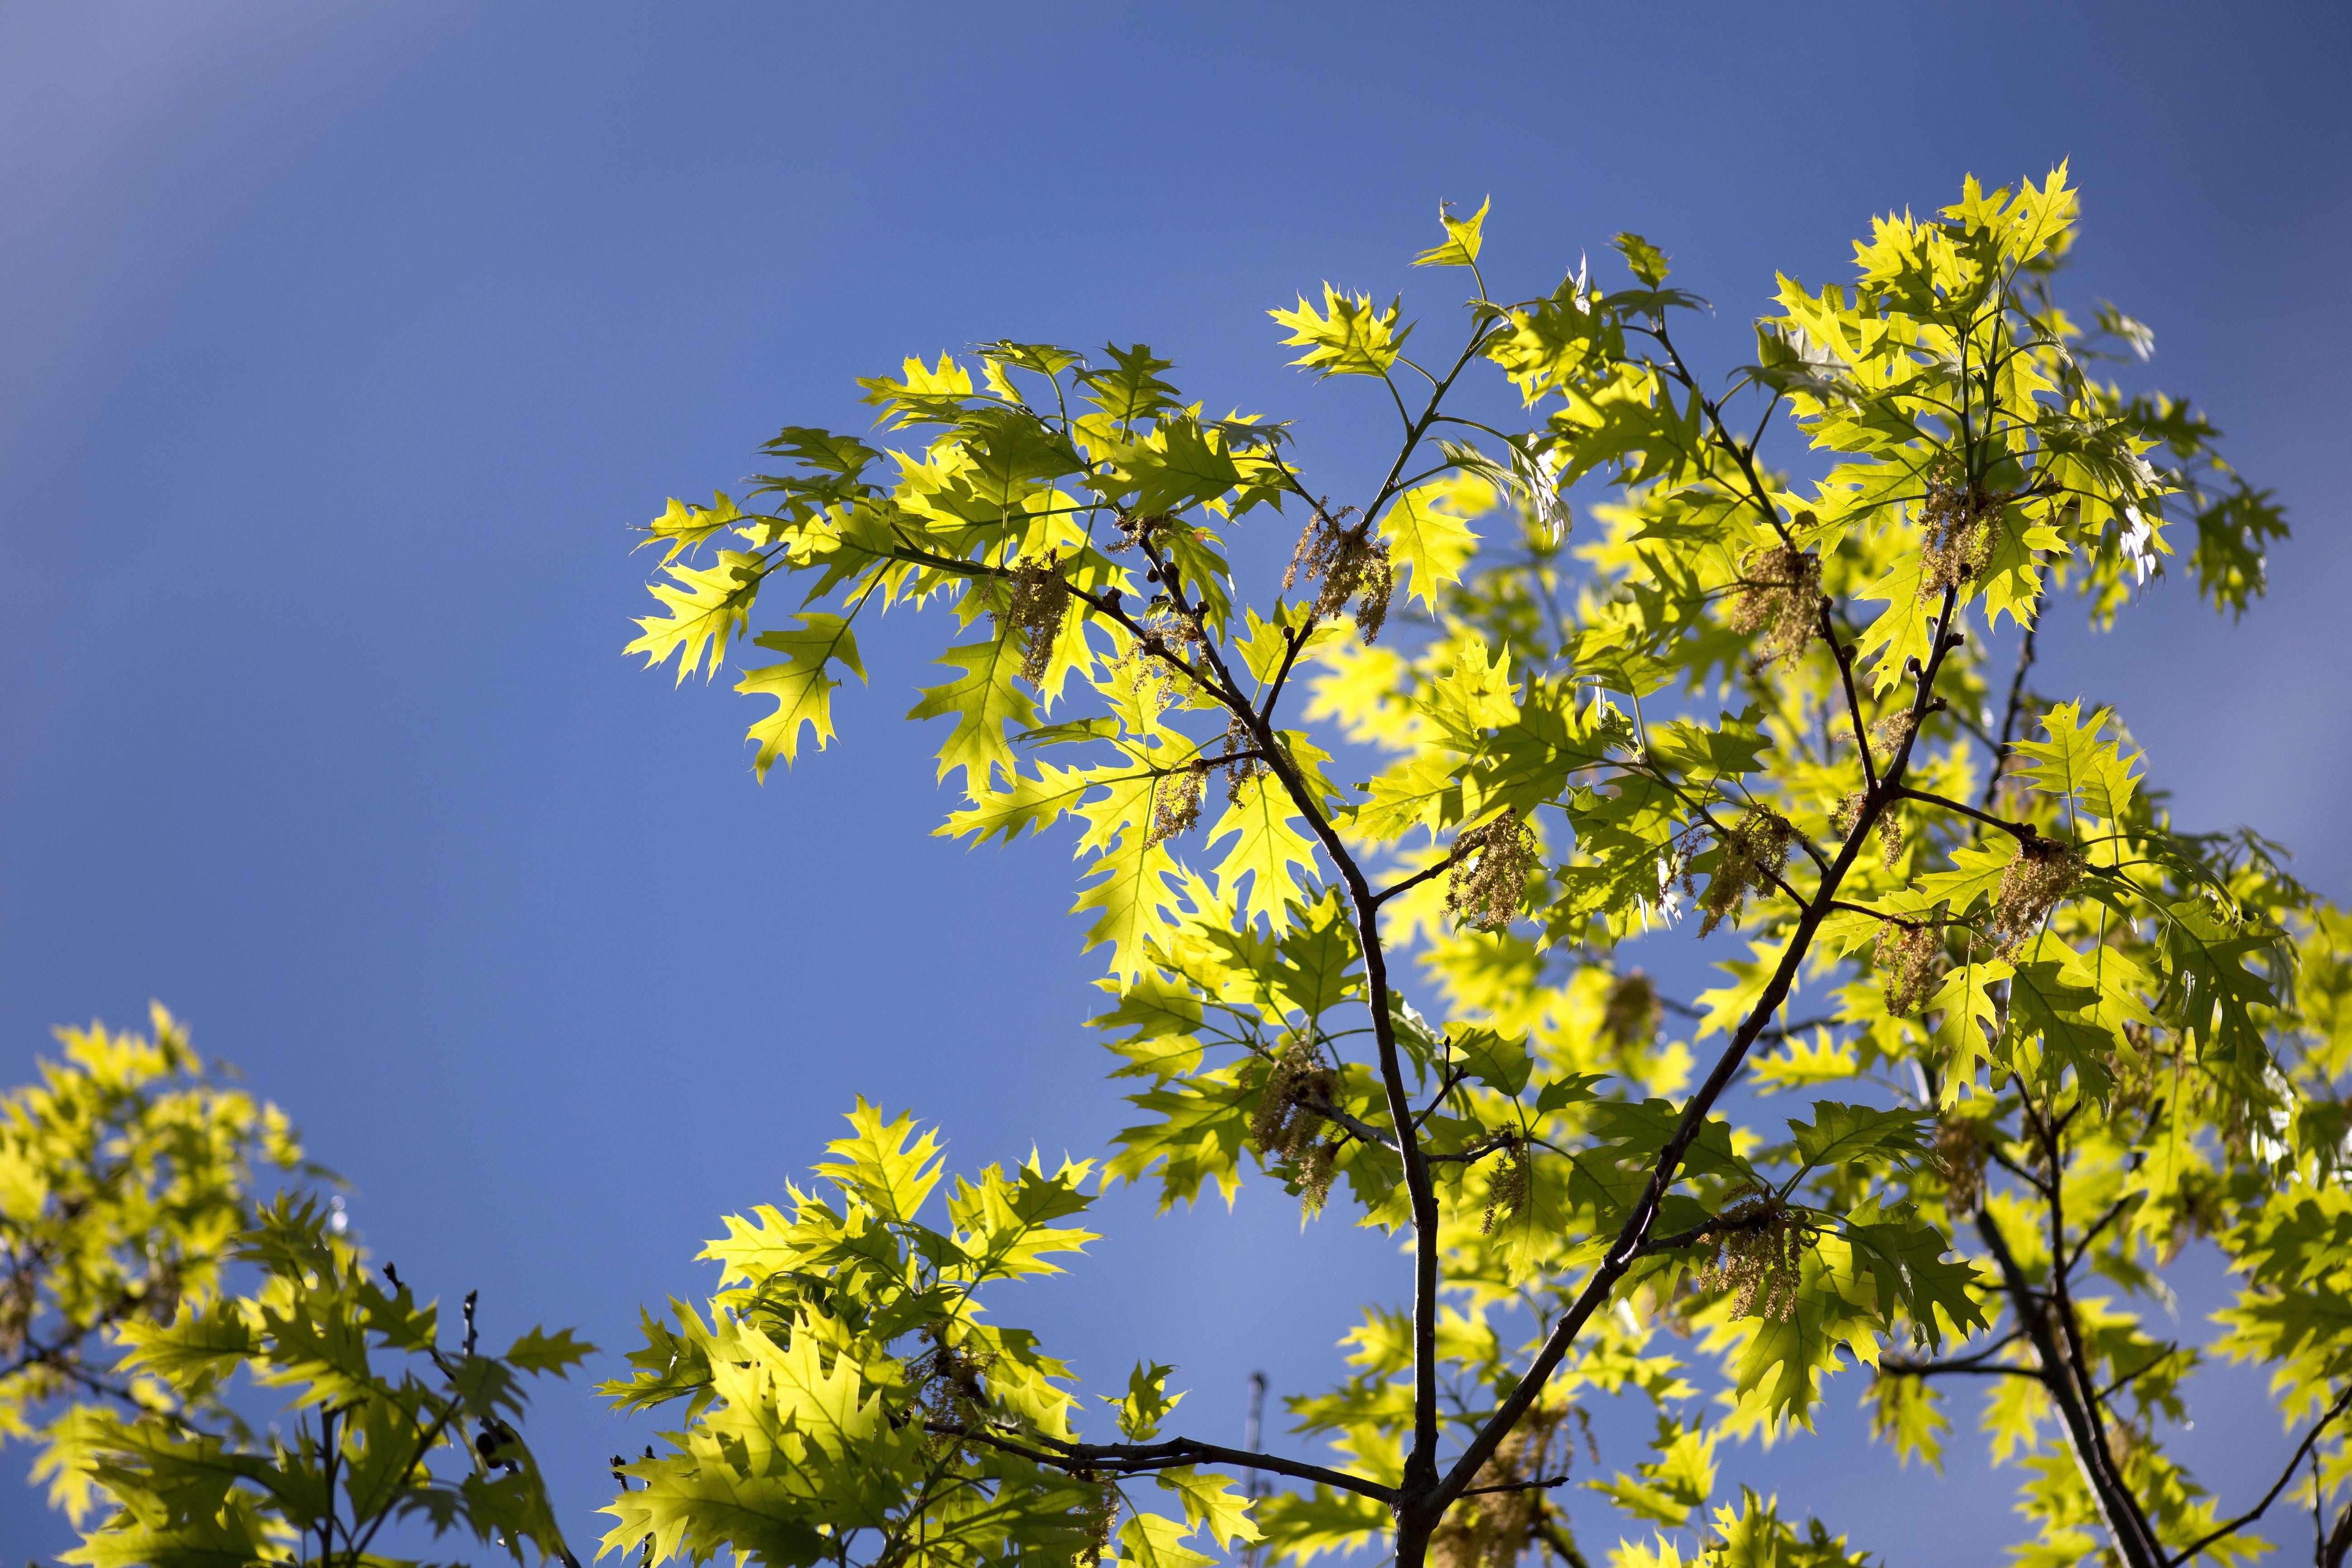 arbre nature feuilles arbres ciel t - Arbre Ciel